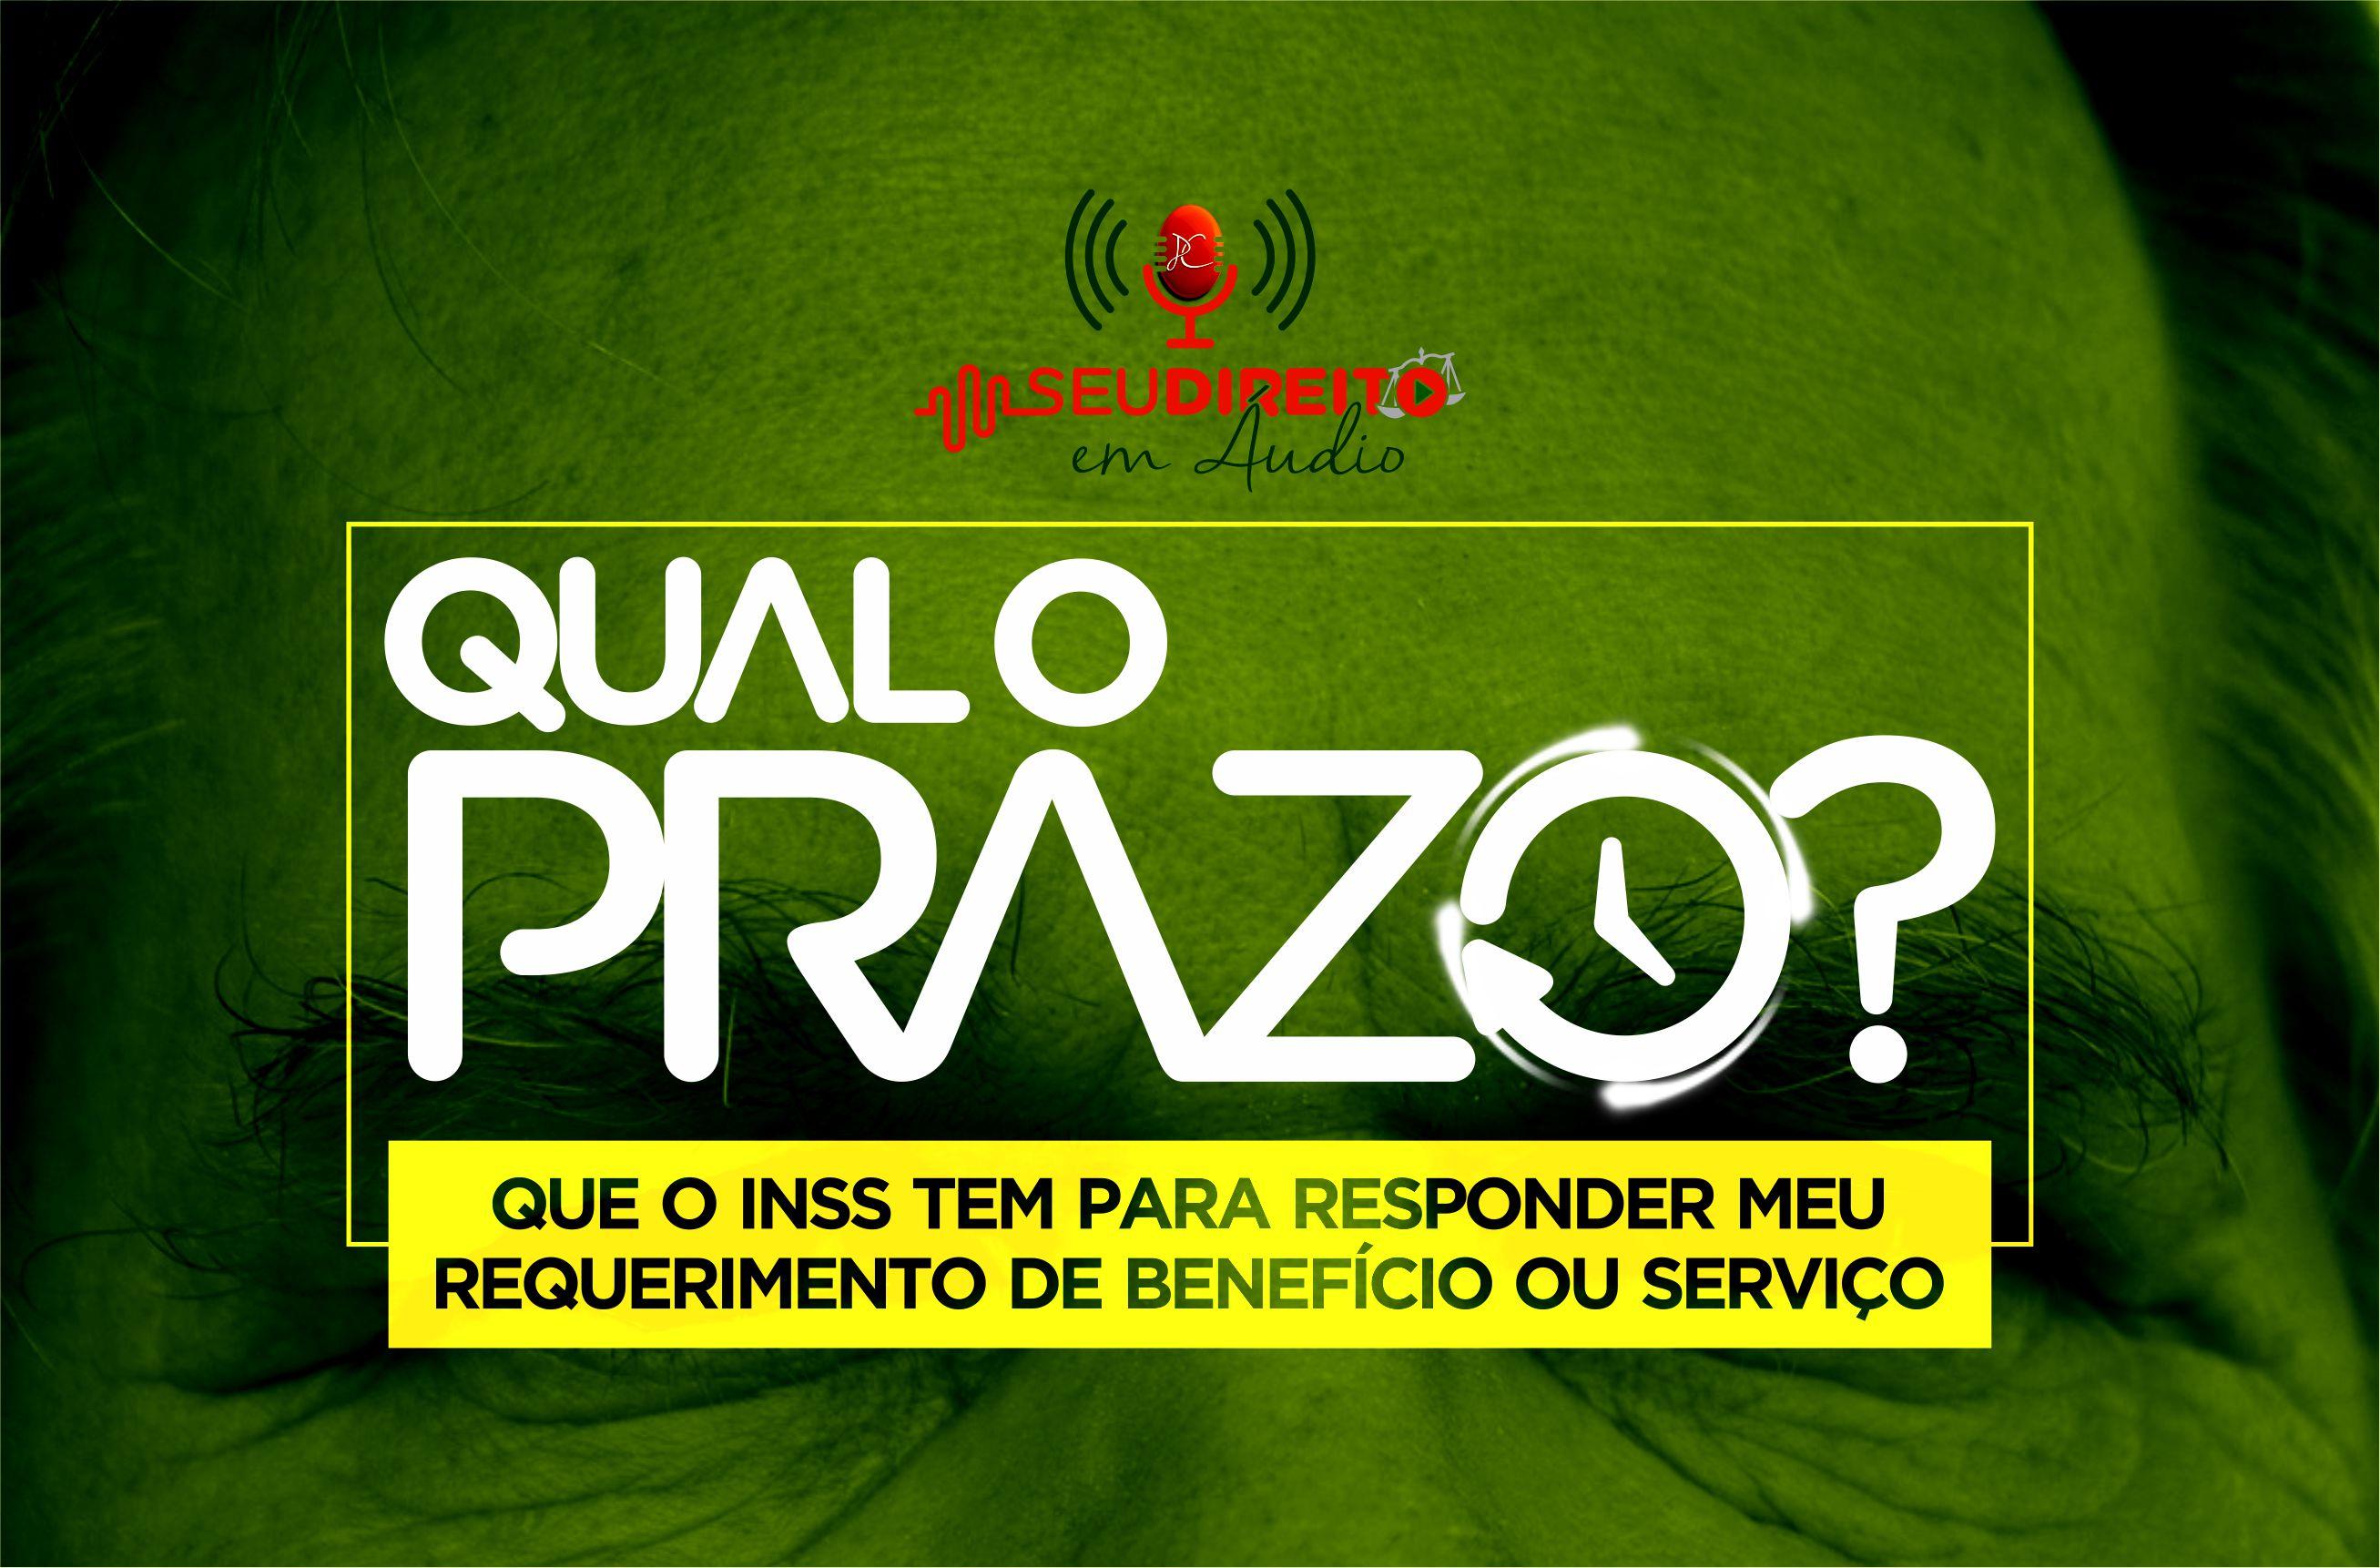 QUAL_O_PRAZO_DE_RESPOSTA